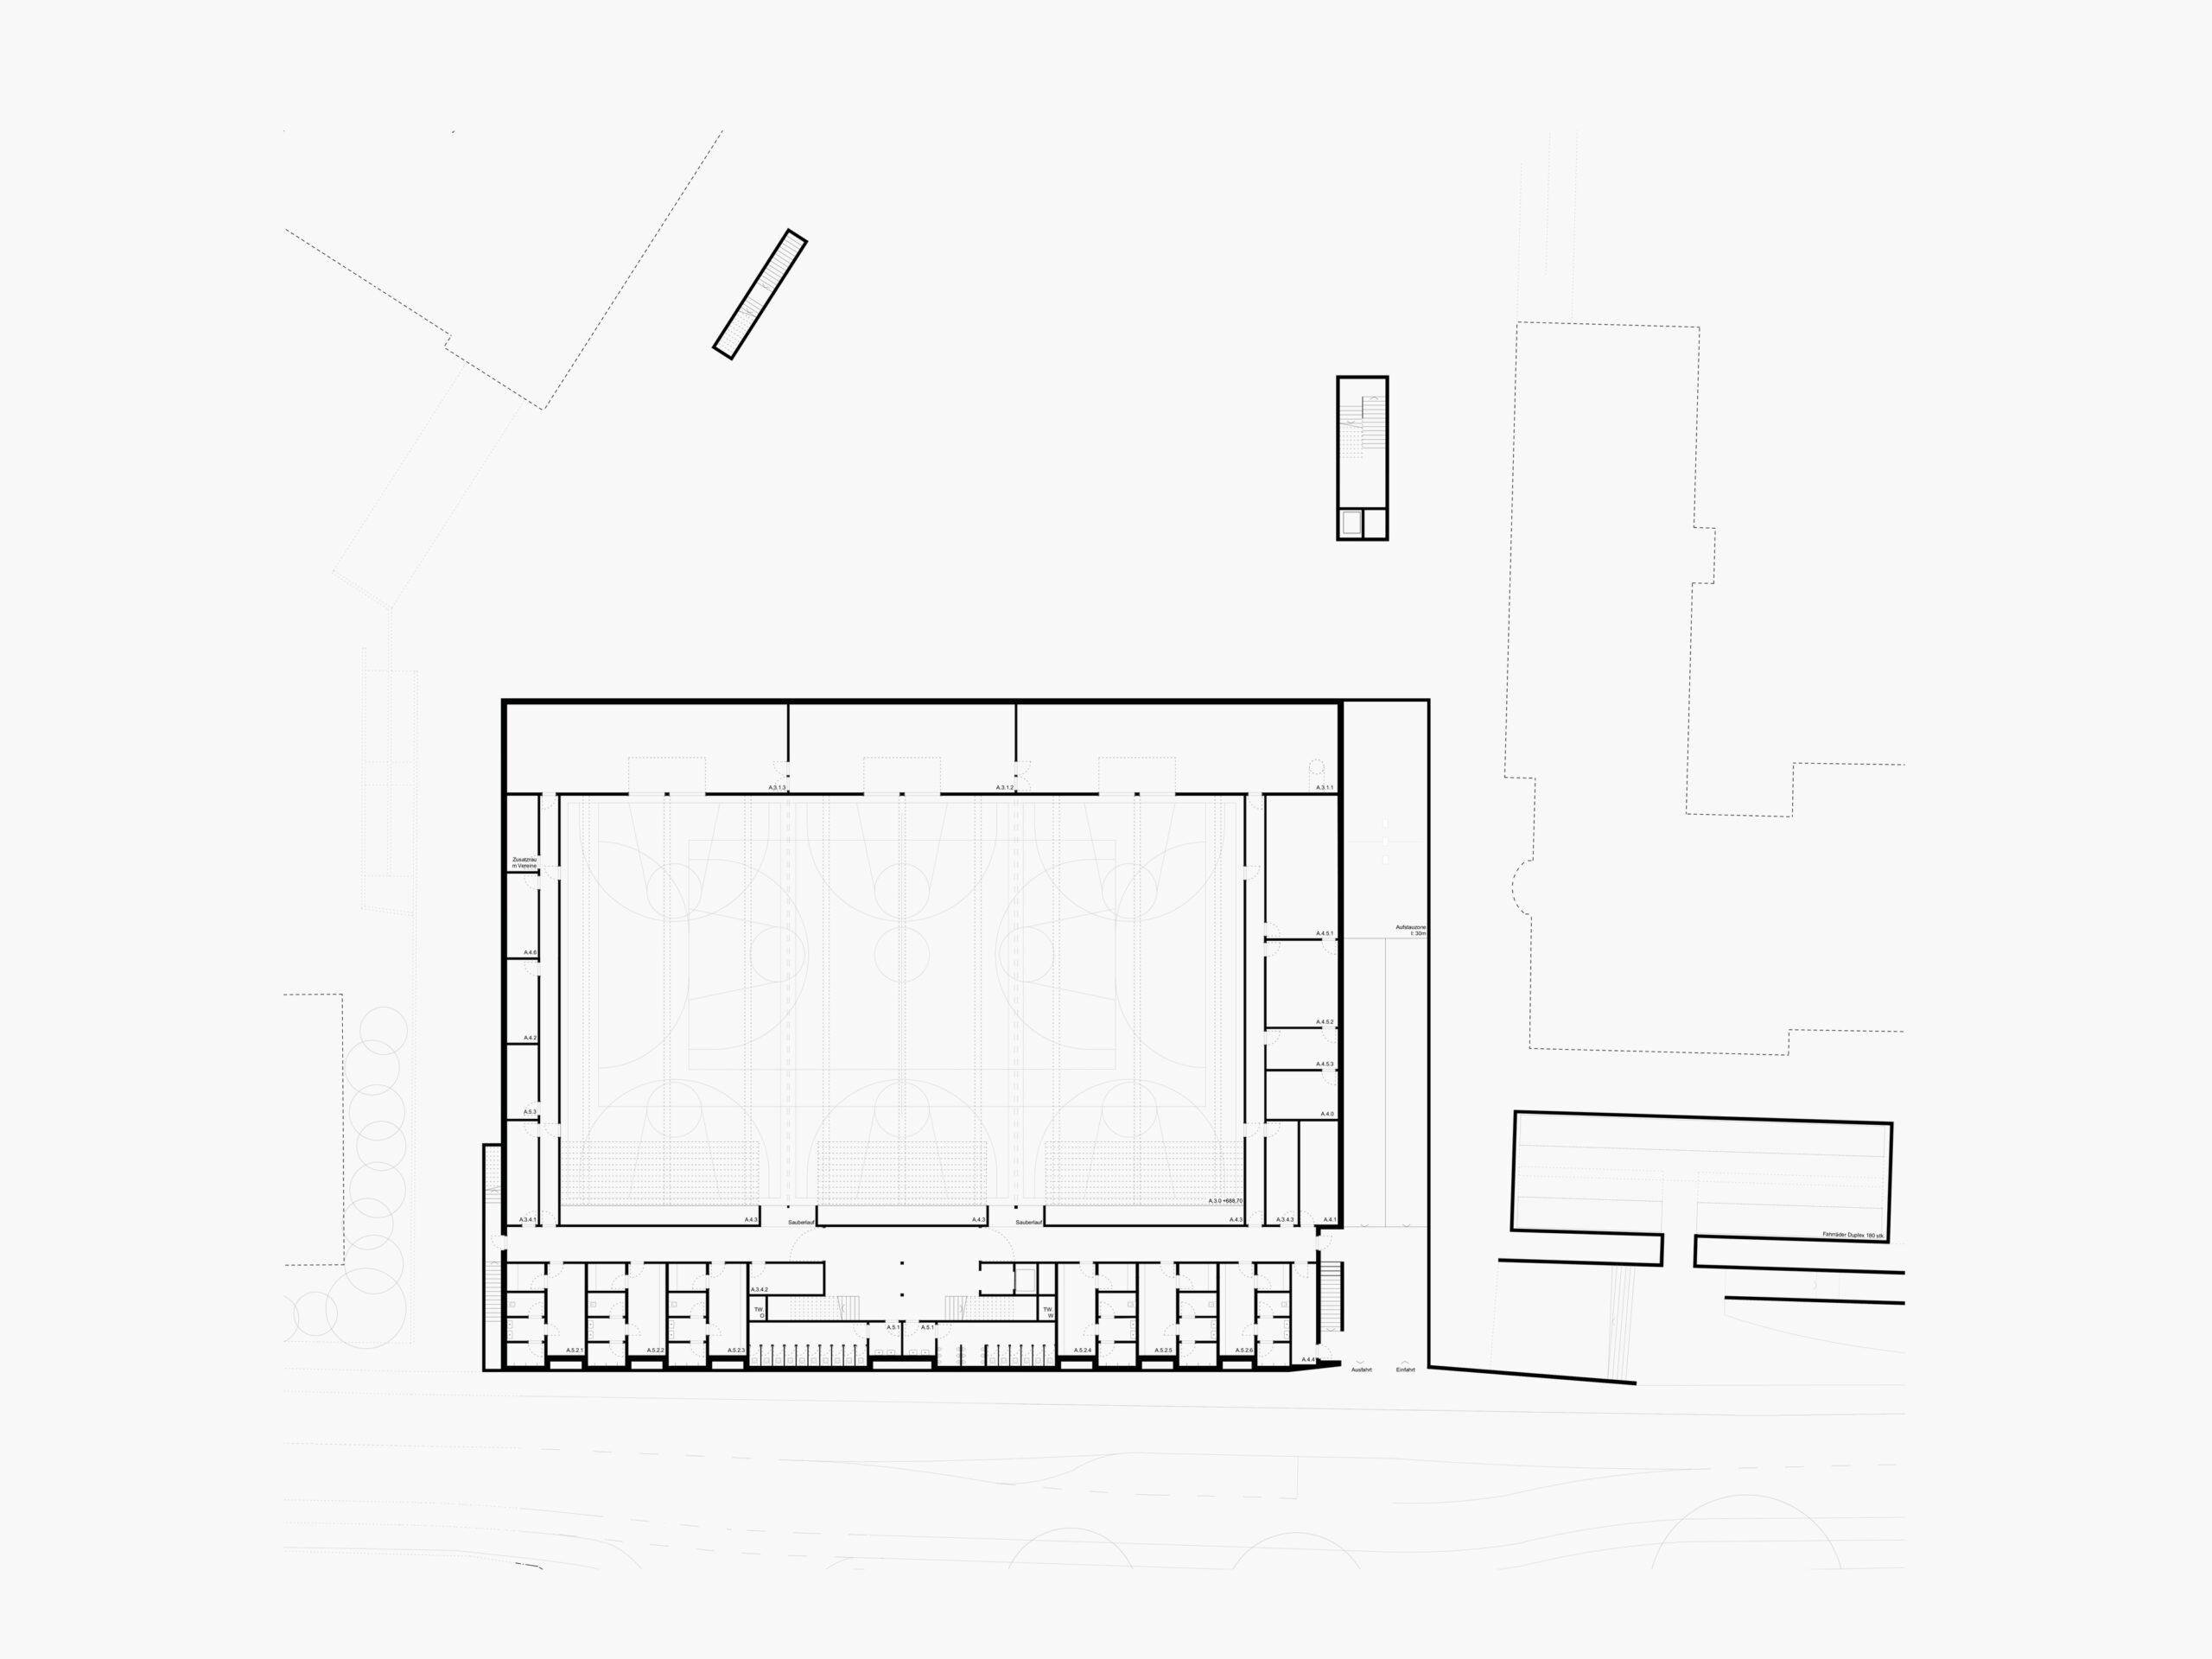 Michael-Becker-Architects-Architekten-3-fach-Turnhalle-Kempten-Grundriss-KG